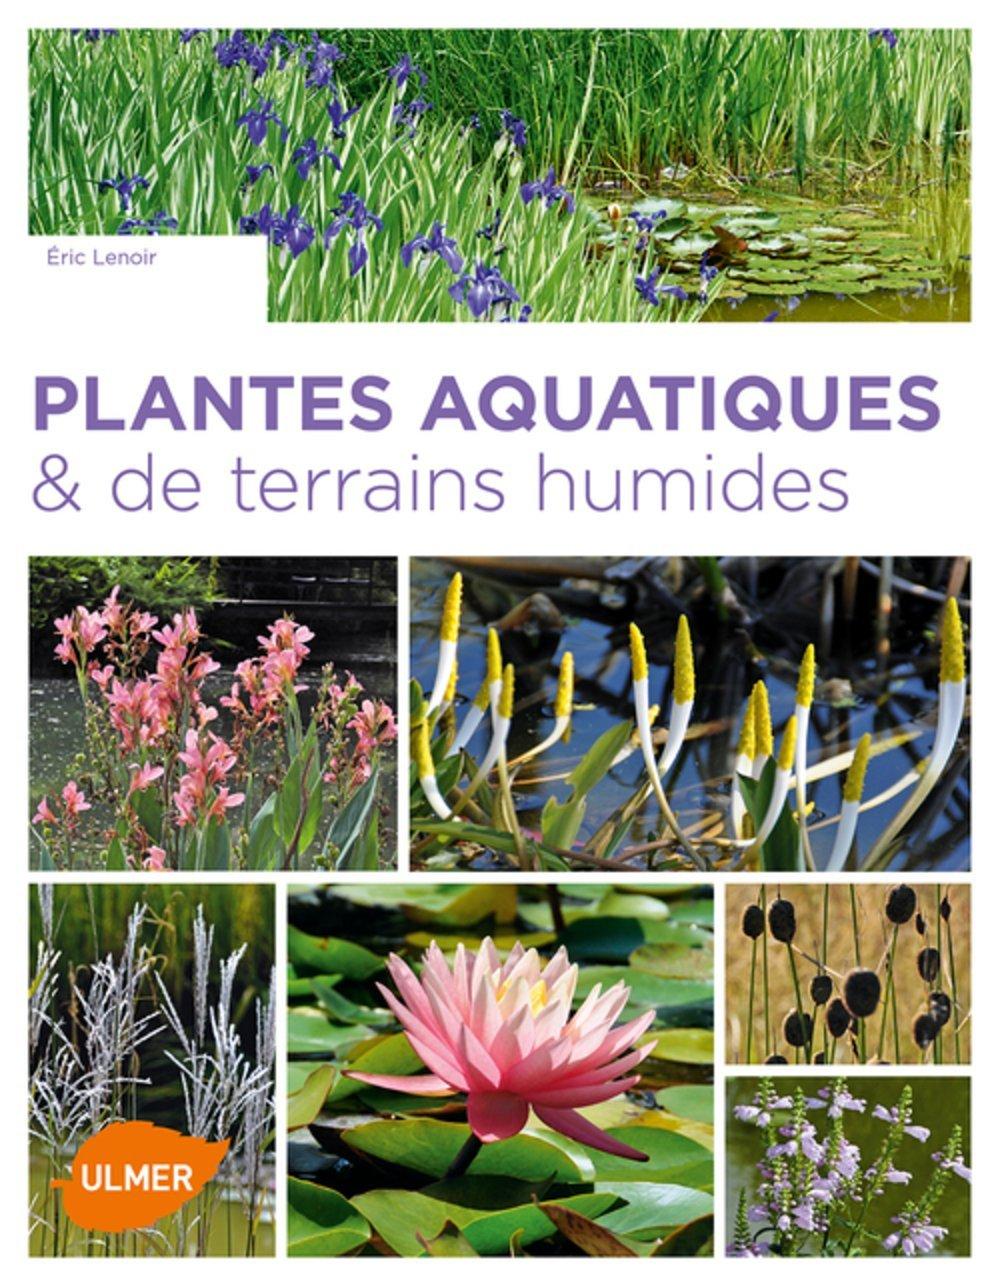 Nouveau livre sur les plantes aquatiques forum for Plantes belgique